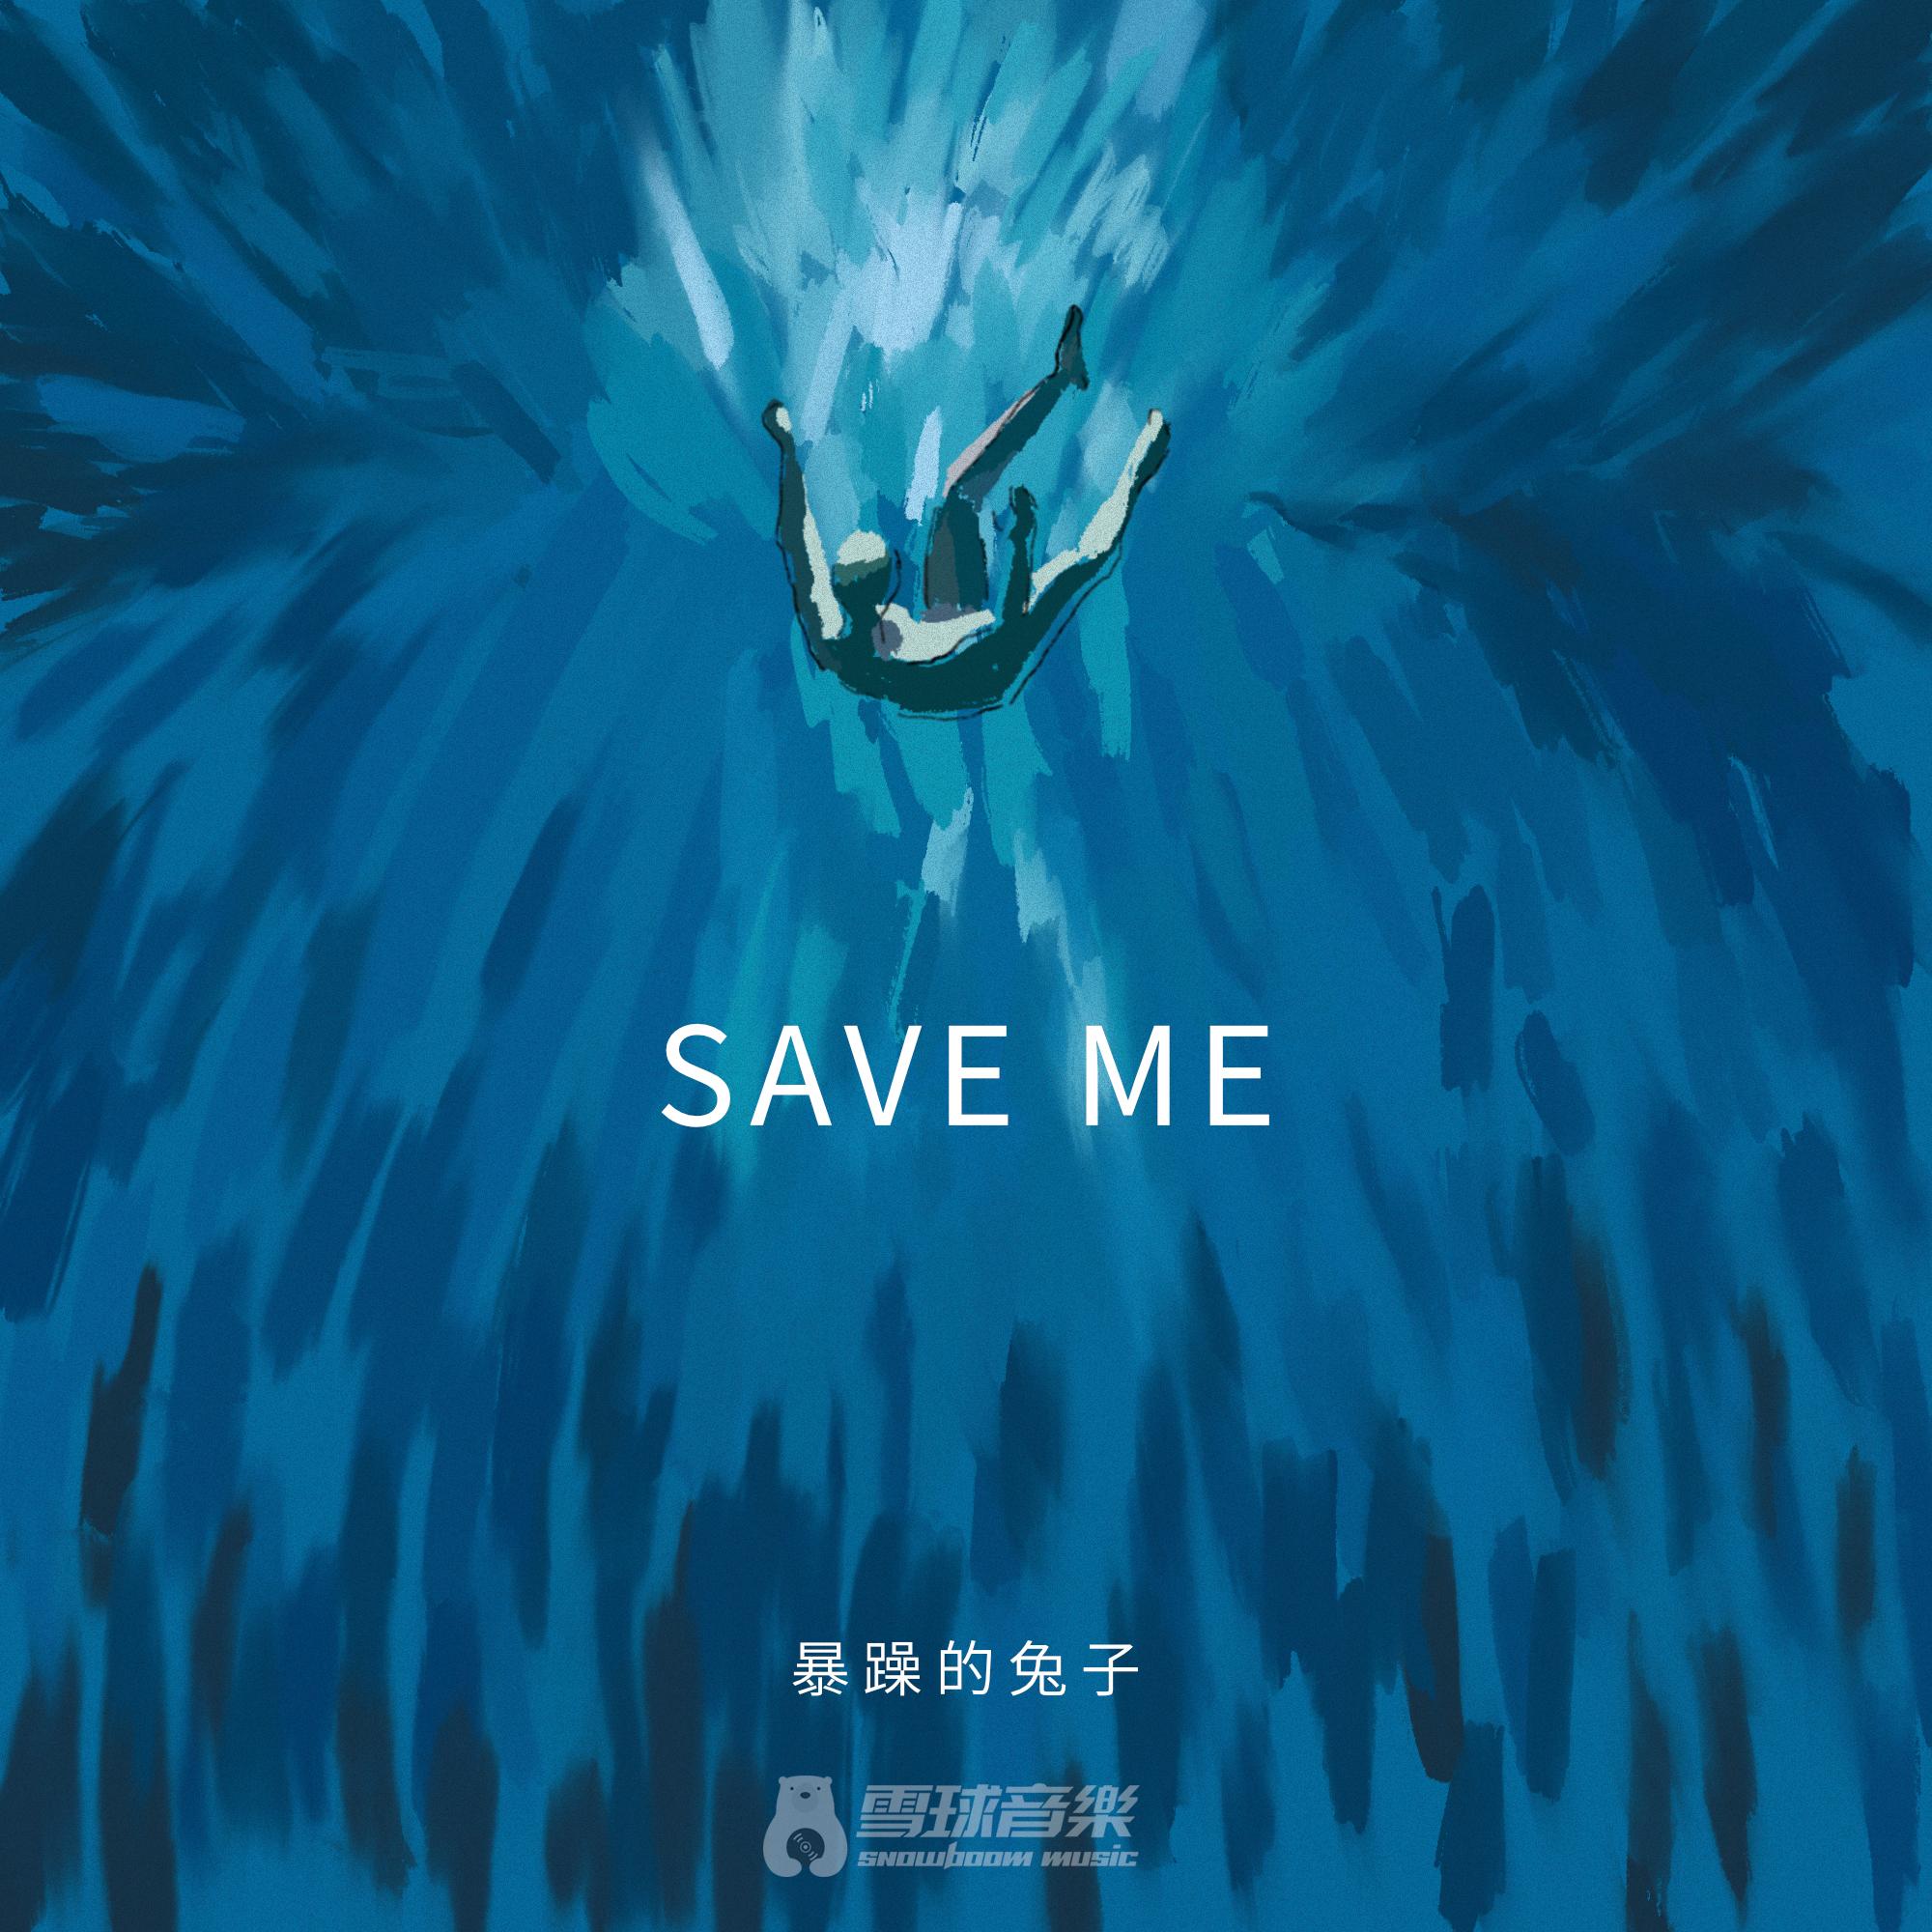 暴躁的兔子《SAVE ME》歌词